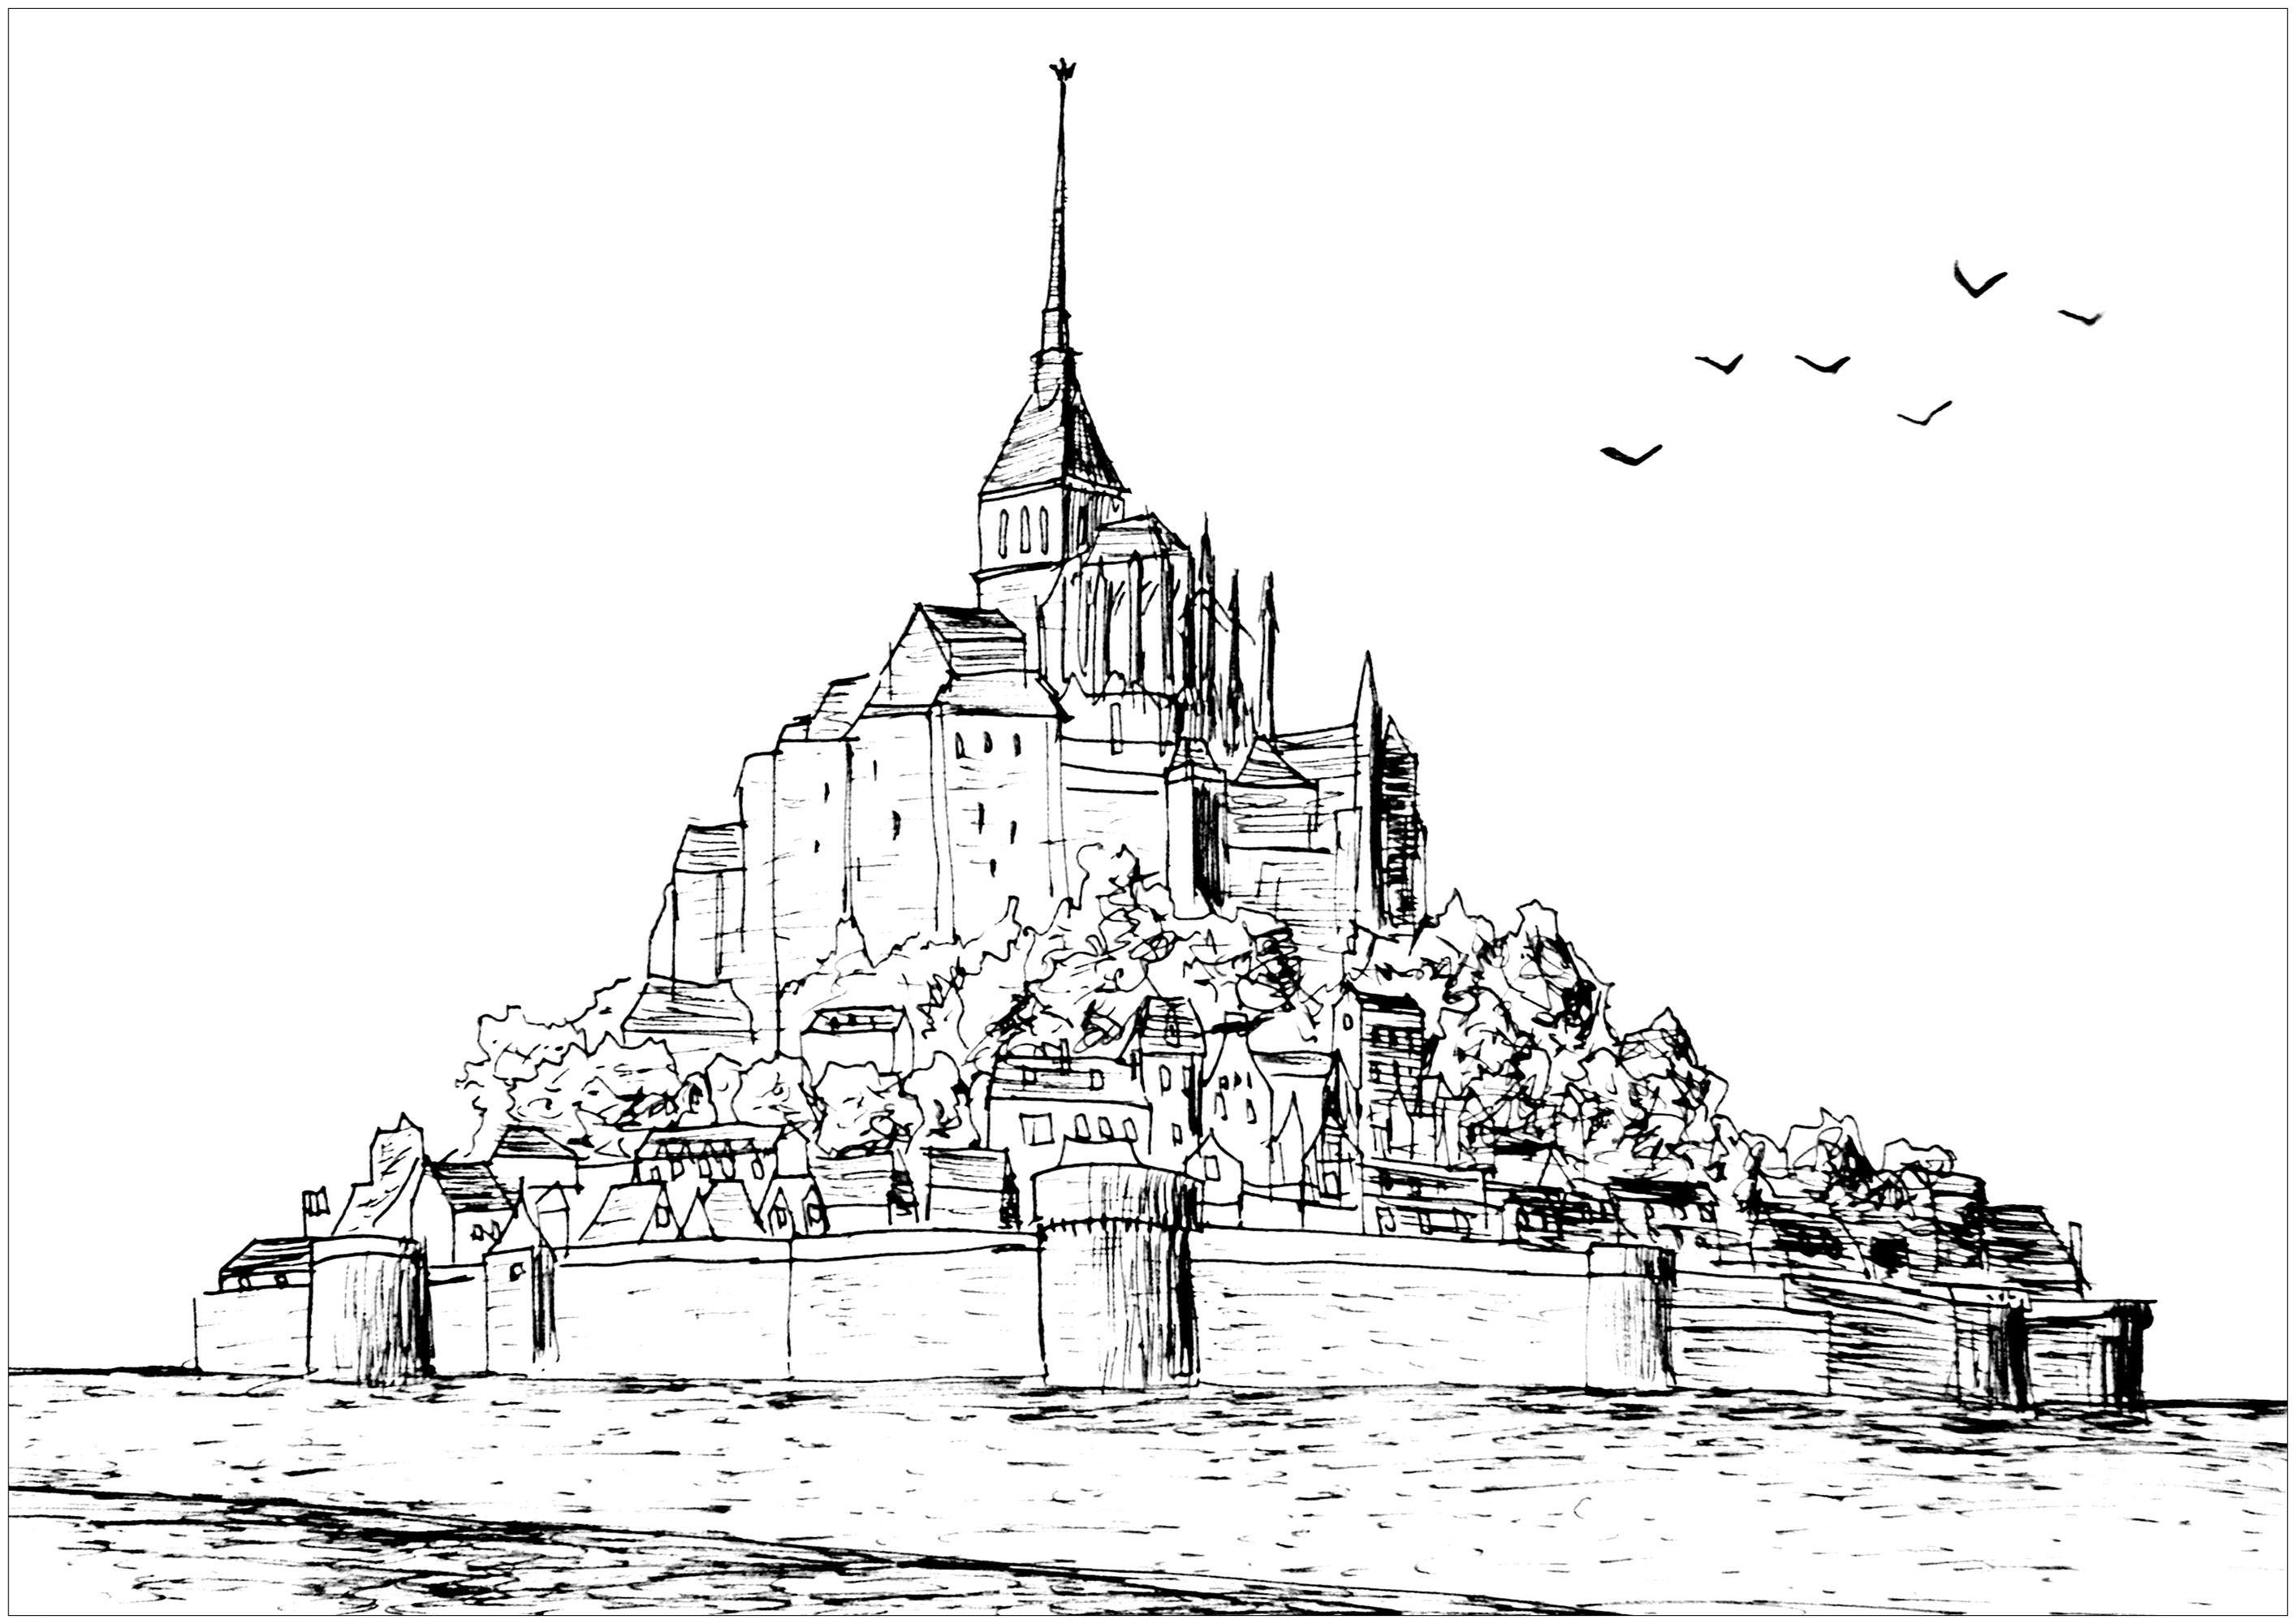 Dessin original représentant le Mont-Saint-Michel (Normandie, France). Élément majeur, l'abbaye et ses dépendances sont classées au titre des monuments historiques par la liste de 1862 (60 autres constructions étant protégées par la suite). L'îlot et le cordon littoral de la baie figurent depuis 1979 sur la liste du patrimoine mondial de l'UNESCO.